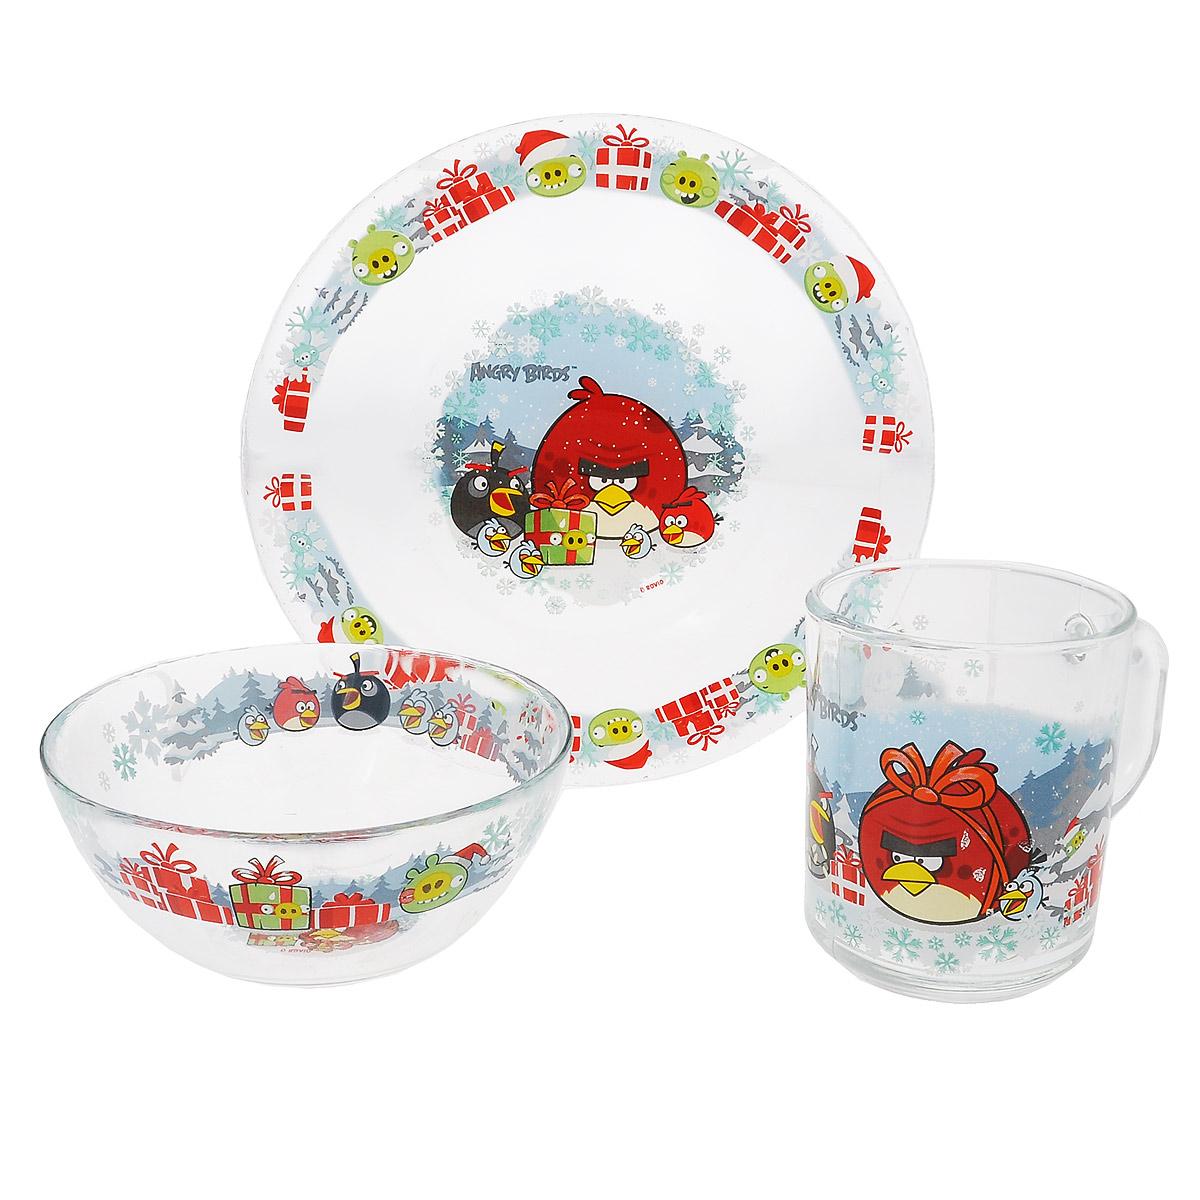 Набор детской посуды Angry Birds Зима, 3 предмета115510Набор детской посуды Angry Birds Зима, выполненный из прозрачного стекла, состоит из кружки, тарелки и салатника. Изделия оформлены изображением любимых героев популярного мультфильма Angry Birds. Материалы изделий нетоксичны и безопасны для детского здоровья. Детская посуда удобна и увлекательна для вашего малыша. Привычная еда станет более вкусной и приятной, если процесс кормления сопровождать игрой и сказками о любимых героях. Красочная посуда является залогом хорошего настроения и аппетита ваших детей. Можно мыть в посудомоечной машине. Диаметр тарелки: 19,5 см. Диаметр салатника: 12,5 см. Высота салатника: 5,5 см. Объем кружки: 250 мл. Диаметр кружки (по верхнему краю): 7 см. Высота кружки: 9 см.